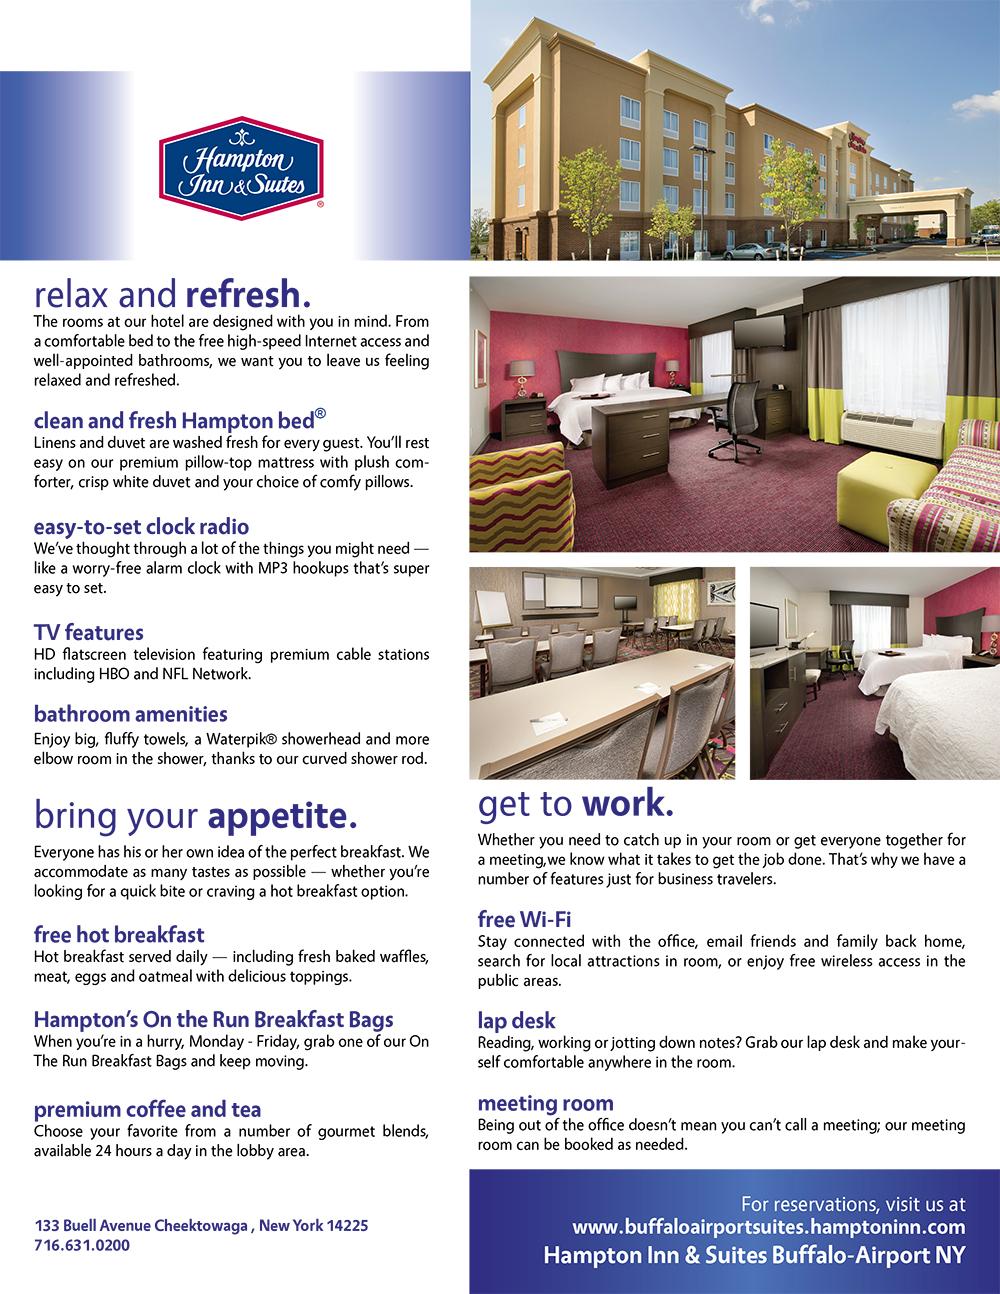 Hampton Inn flyer design